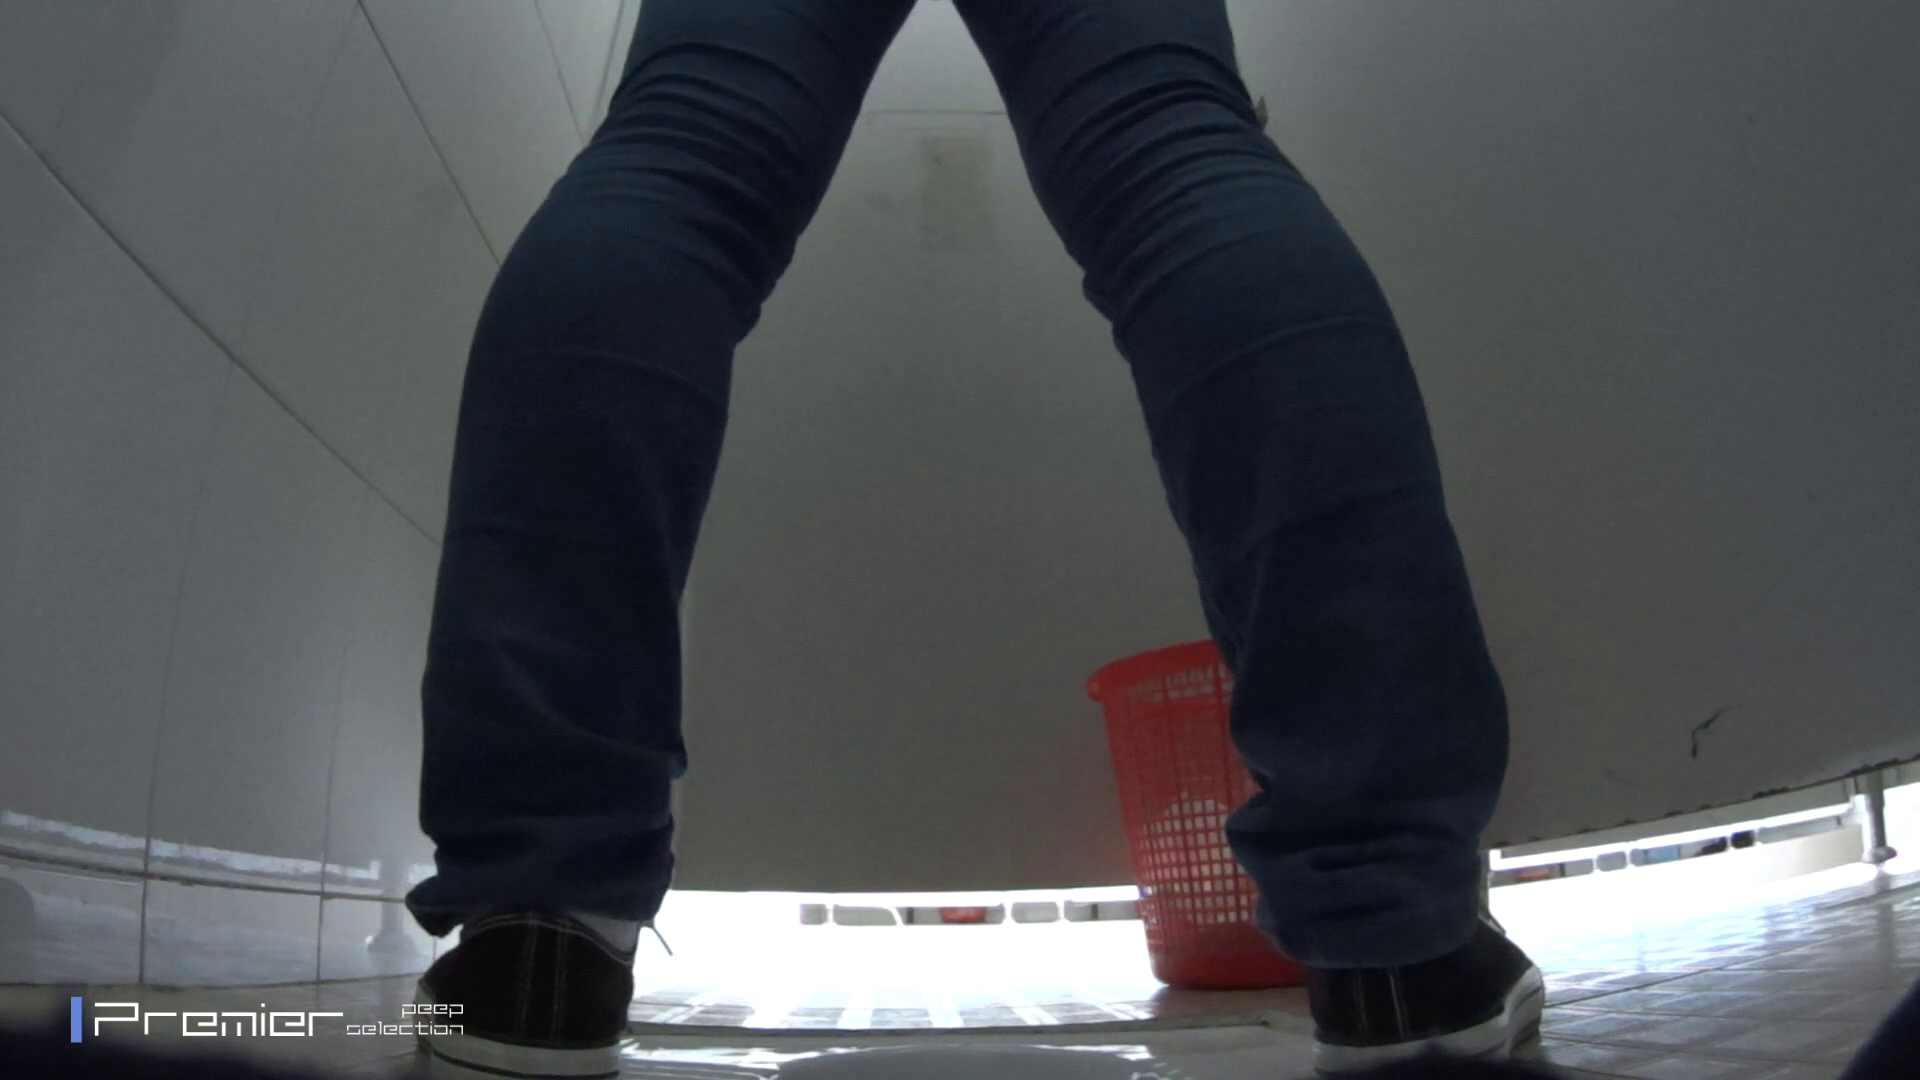 アジアンビューティー達の聖水 大学休憩時間の洗面所事情24 盗撮・必見 オメコ動画キャプチャ 109画像 18